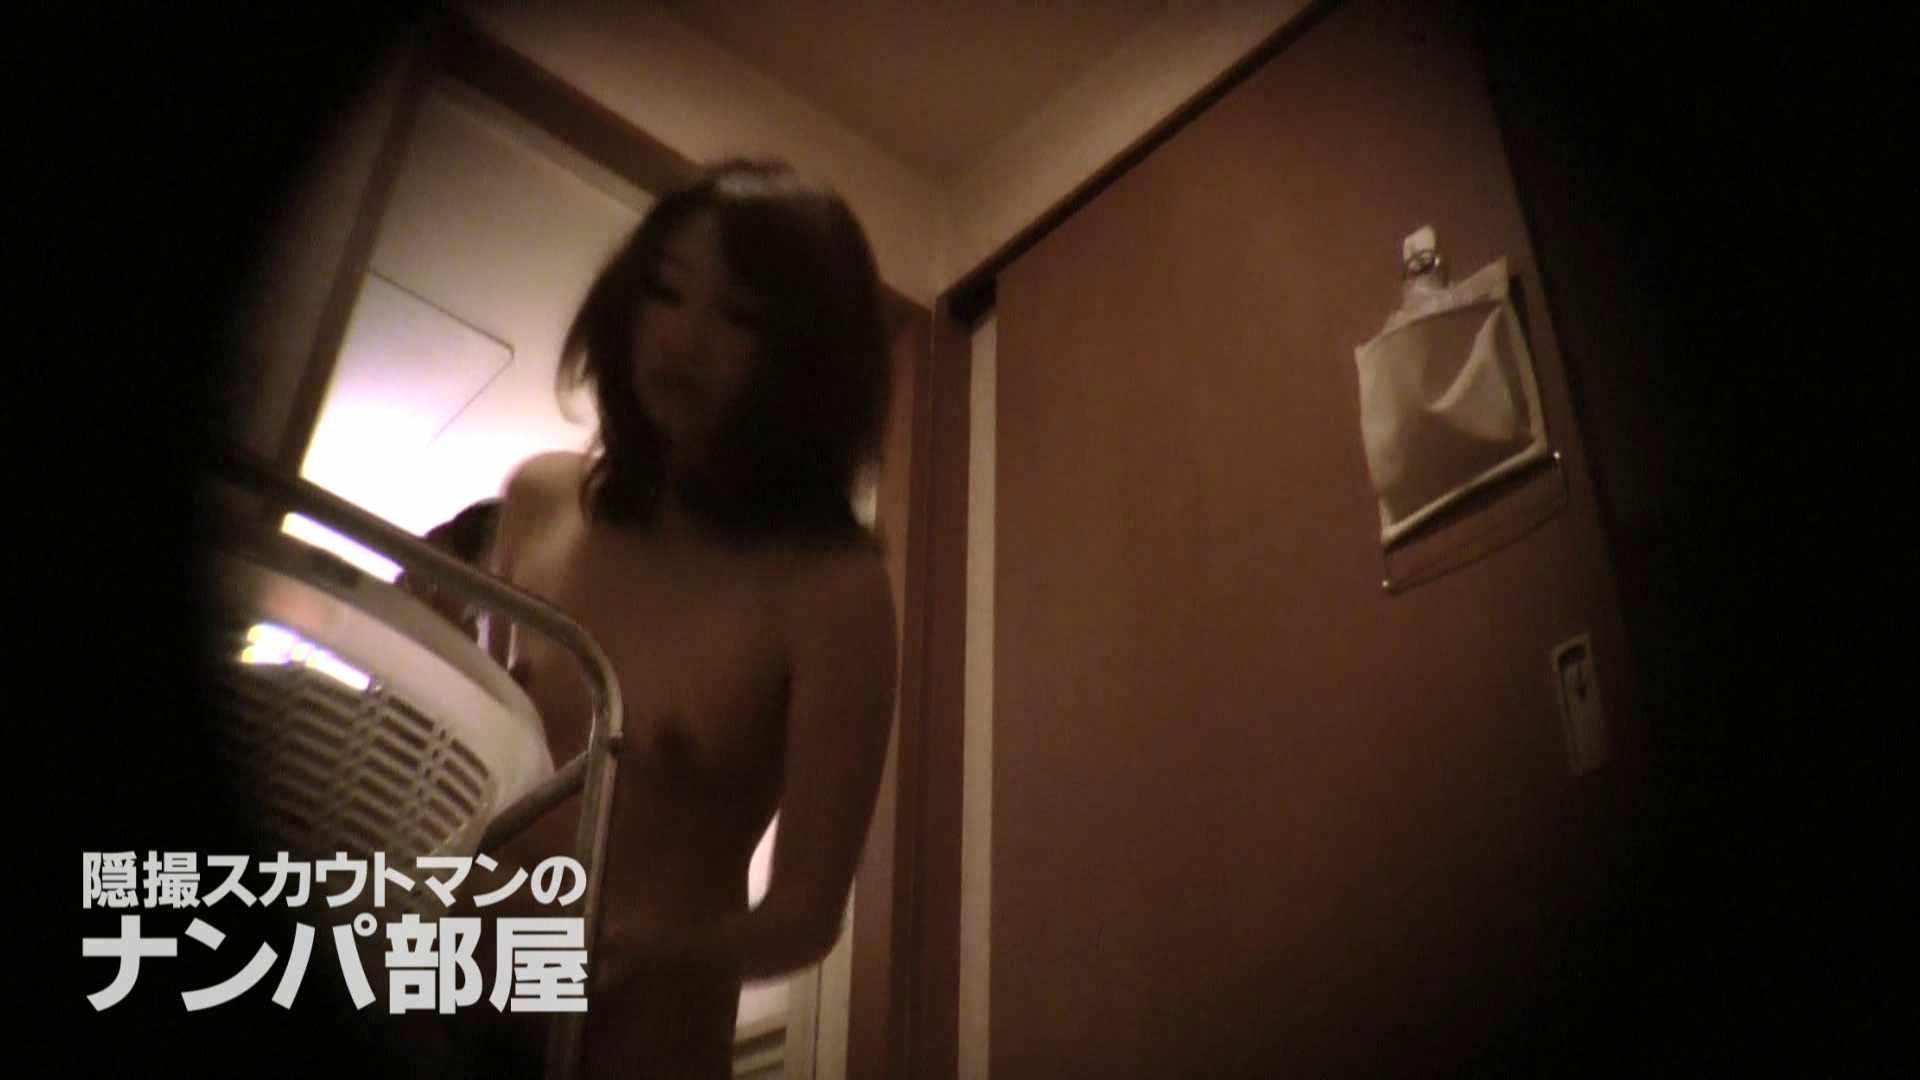 隠撮スカウトマンのナンパ部屋~風俗デビュー前のつまみ食い~ sii 隠撮   脱衣所  67pic 29